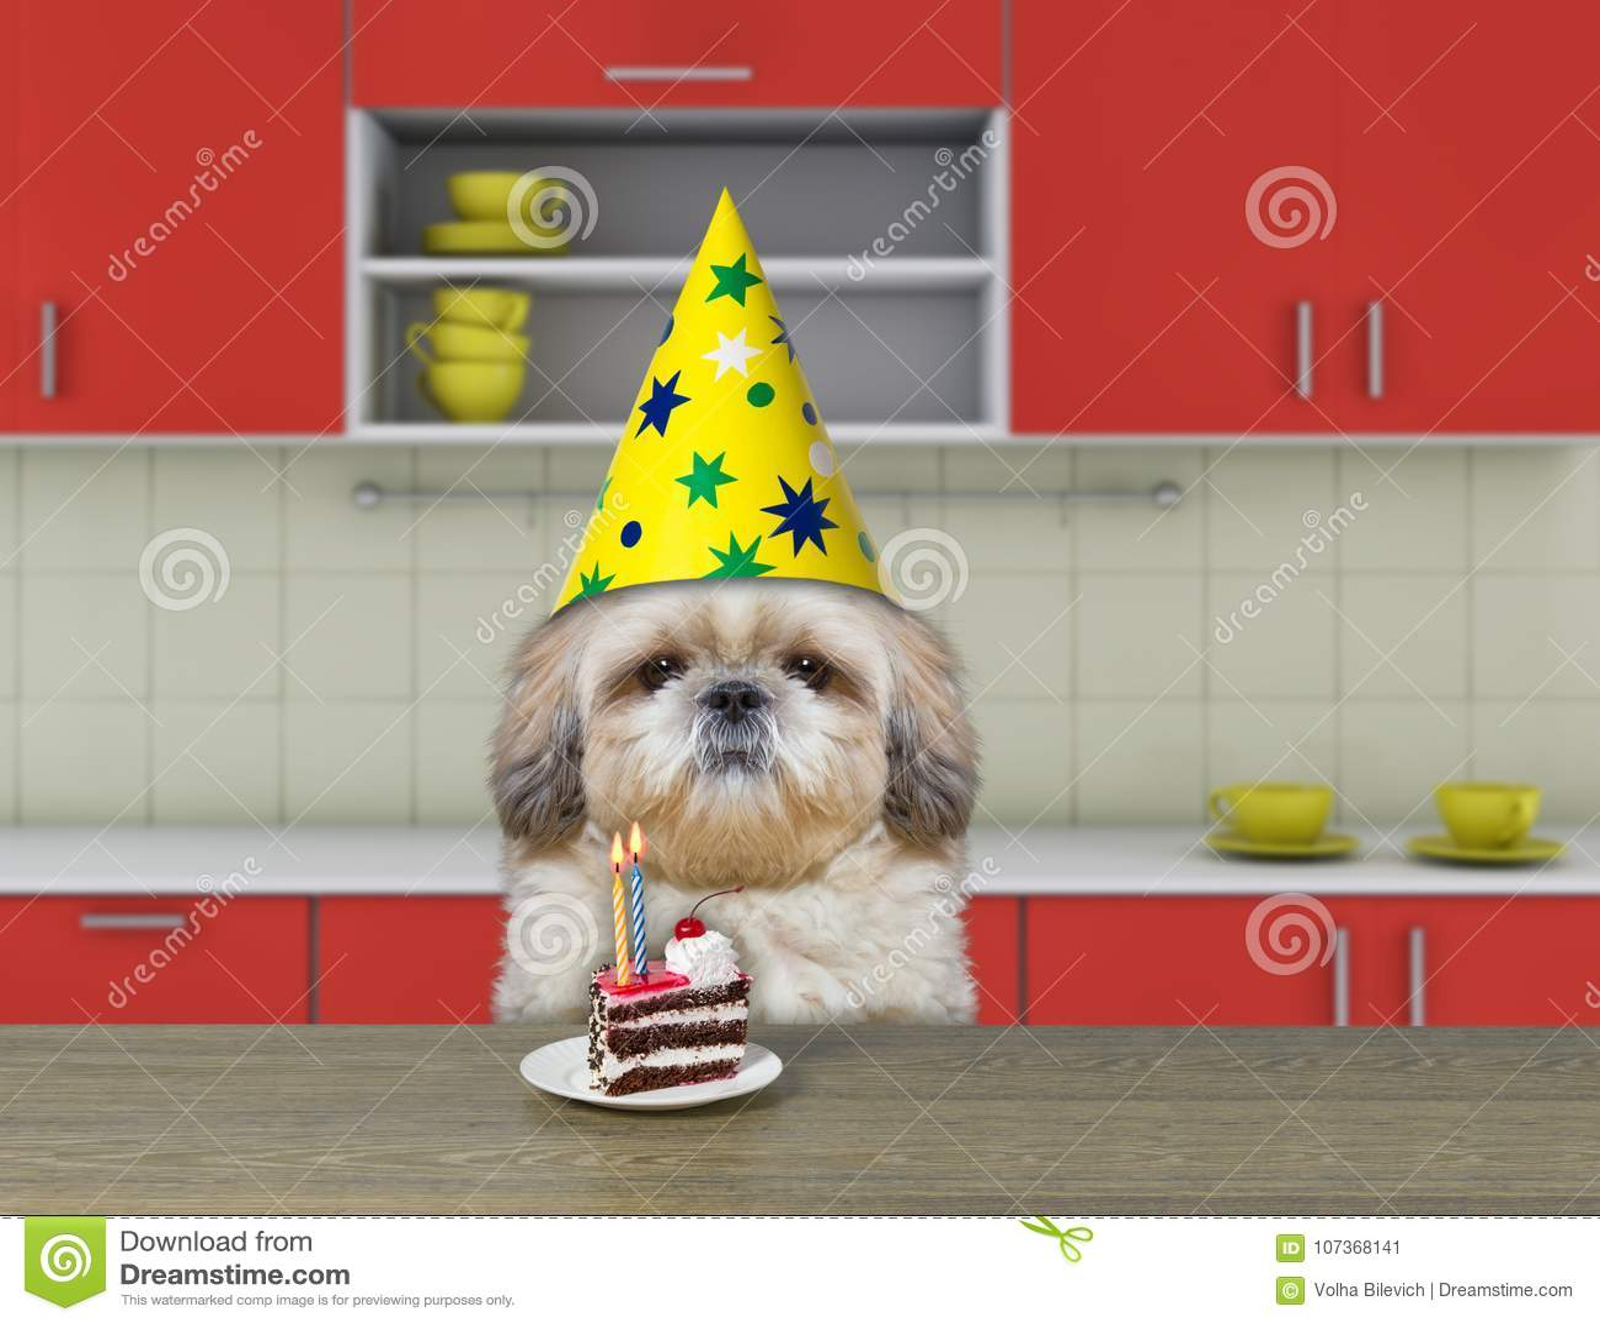 Funny Shitzu Dog Waiting To Eat Chocolate Cake Stock Image Image